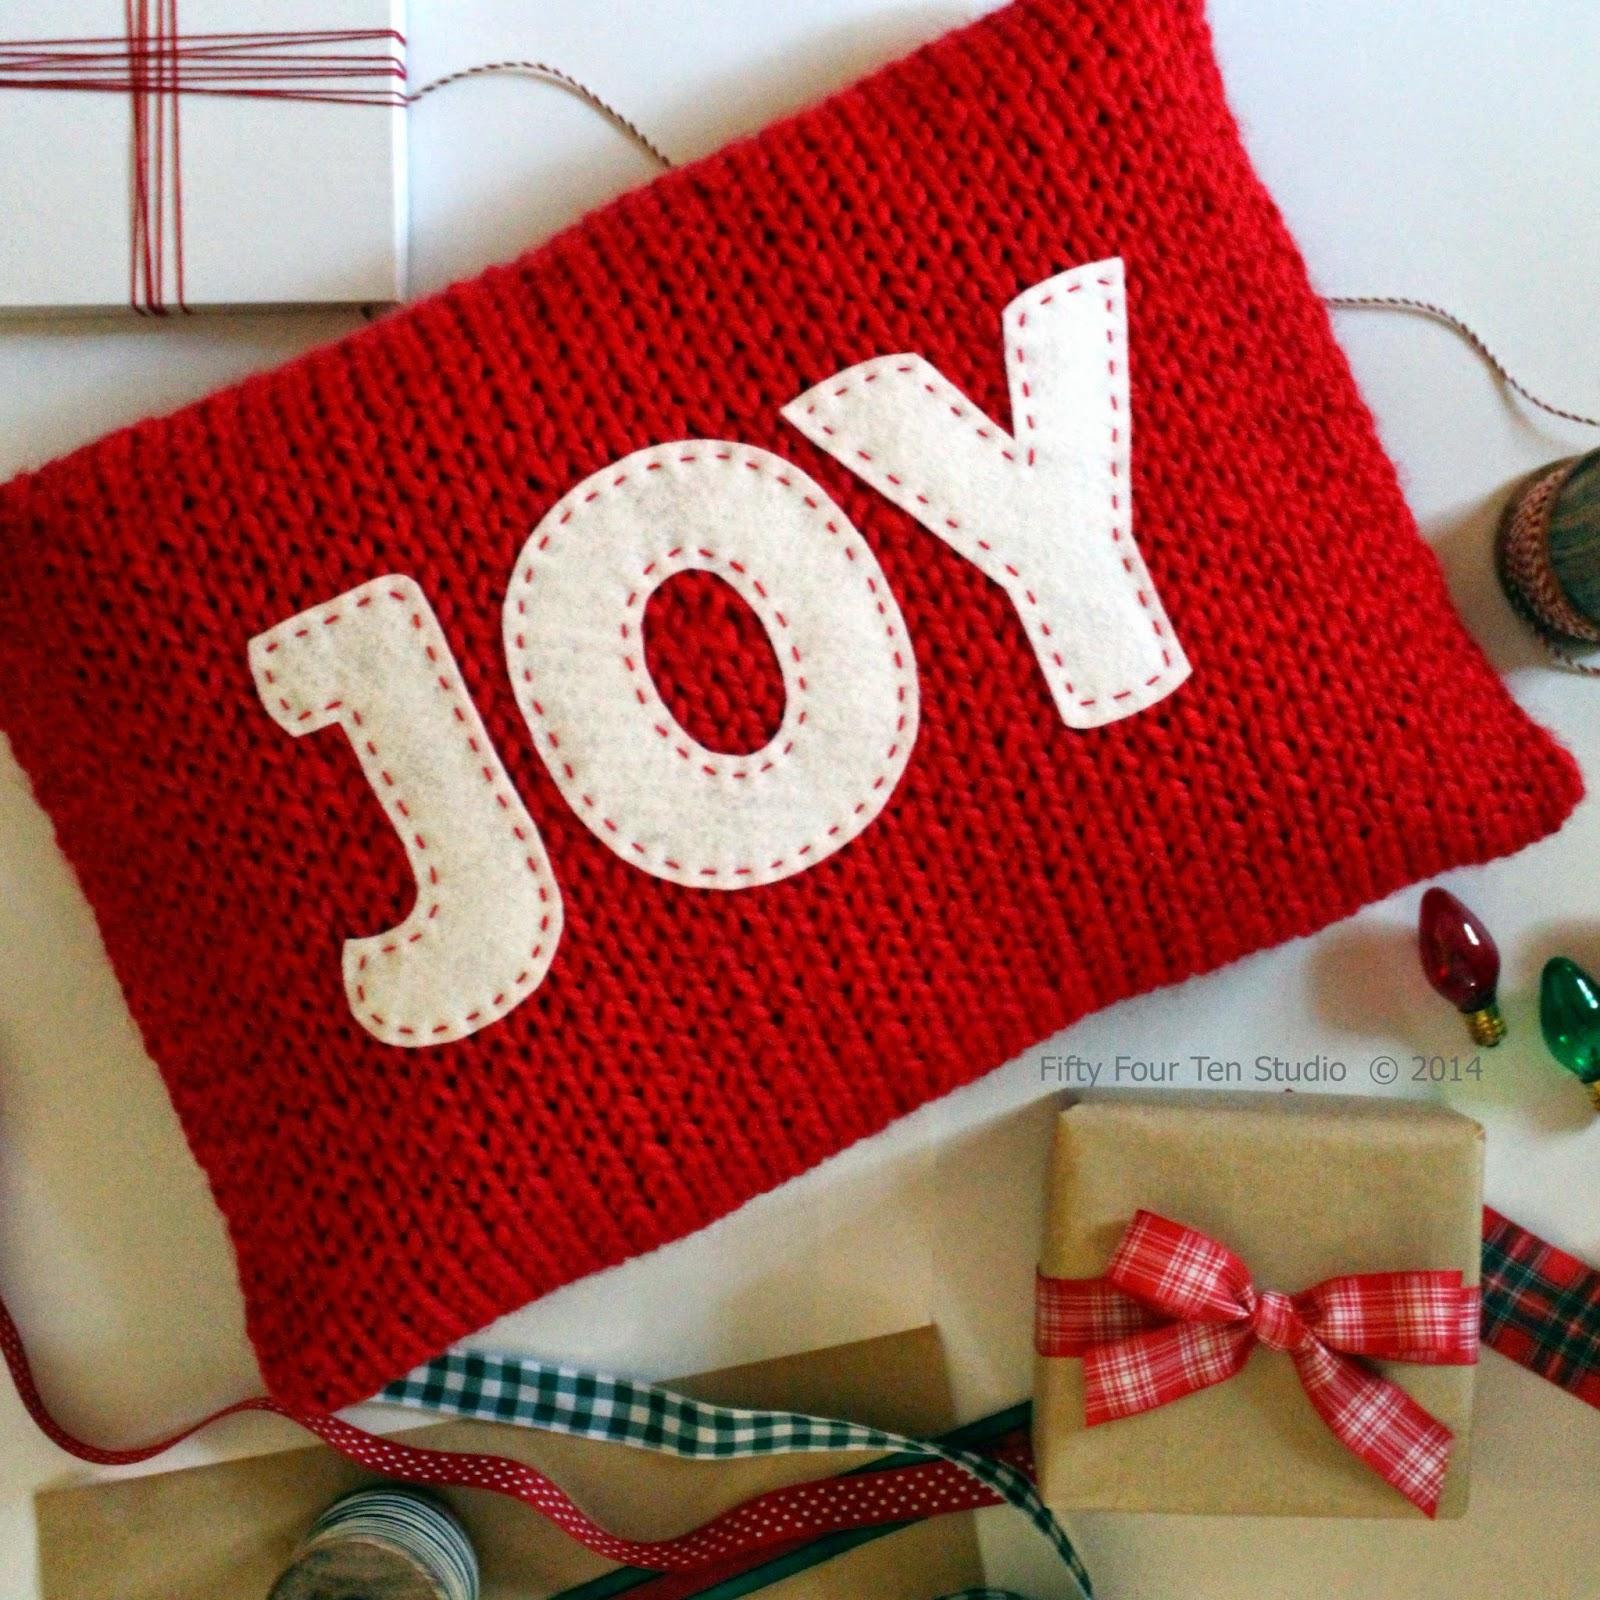 Joy \u0026 Believe Pillows Knitting Pattern - with Felt Applique & Fifty Four Ten Studio: Joy \u0026 Believe Pillows - New Knitting ... pillowsntoast.com